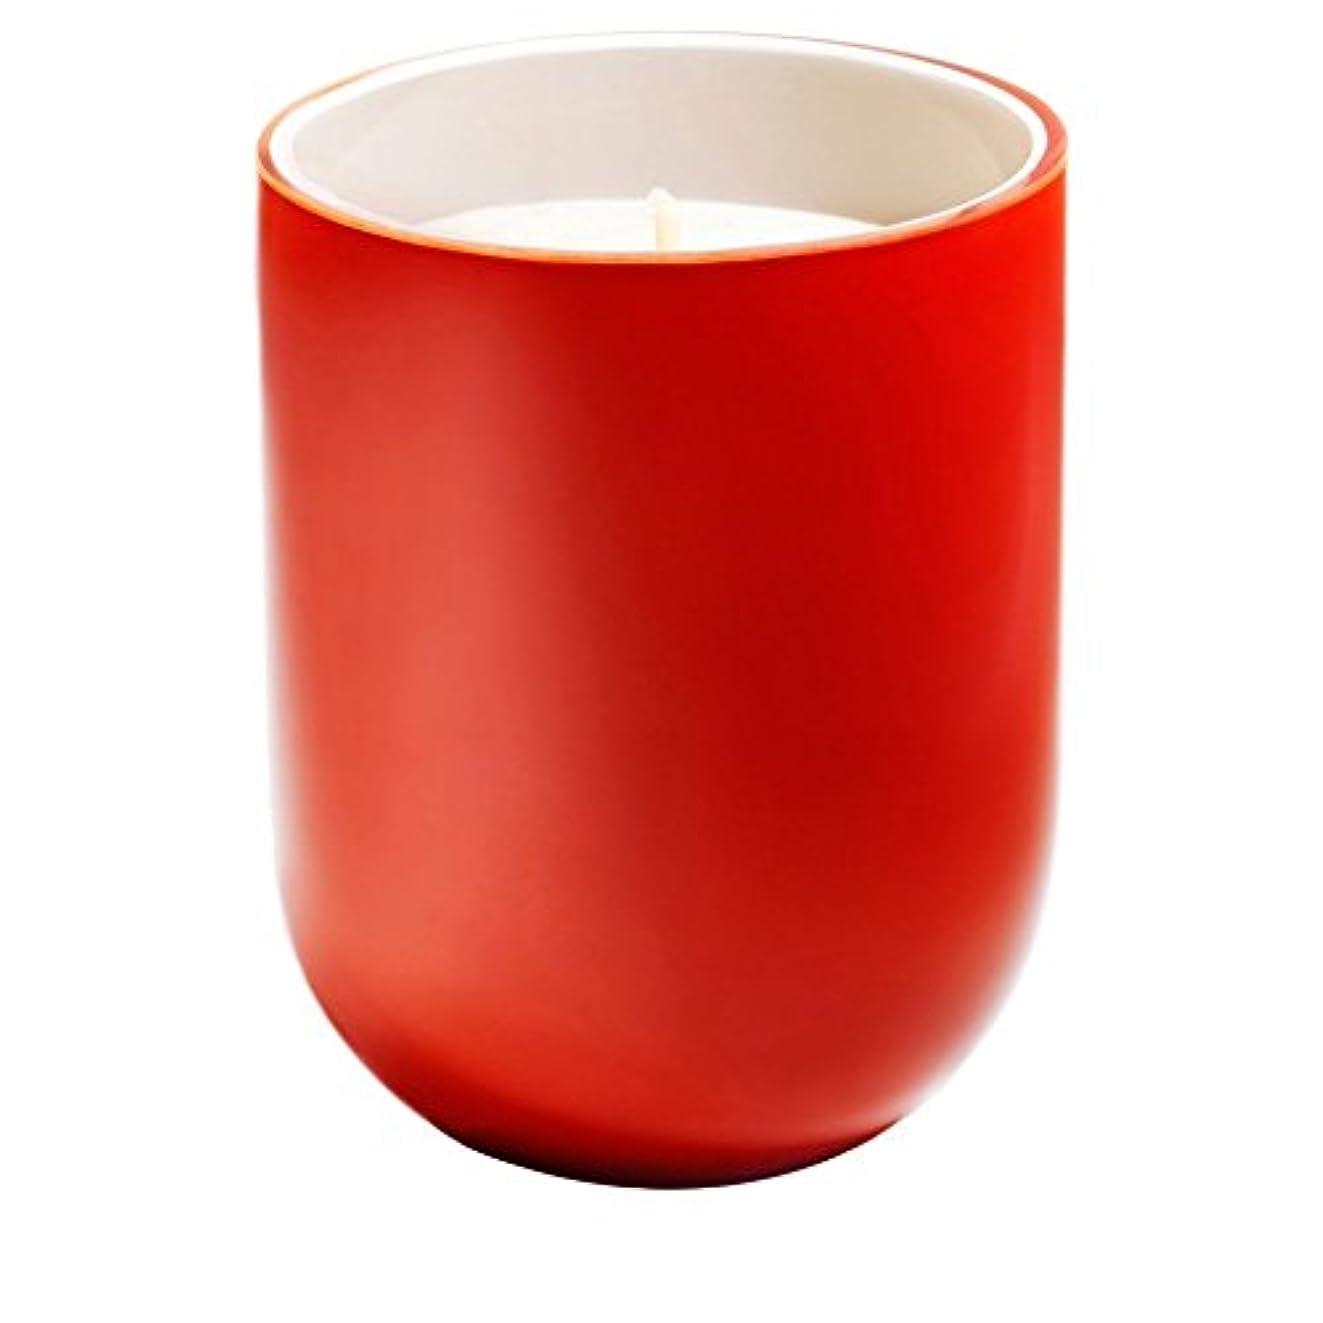 航空機王朝死傷者フレデリック?マルプルミエ舞香りのキャンドル x6 - Frederic Malle 1er Mai Scented Candle (Pack of 6) [並行輸入品]